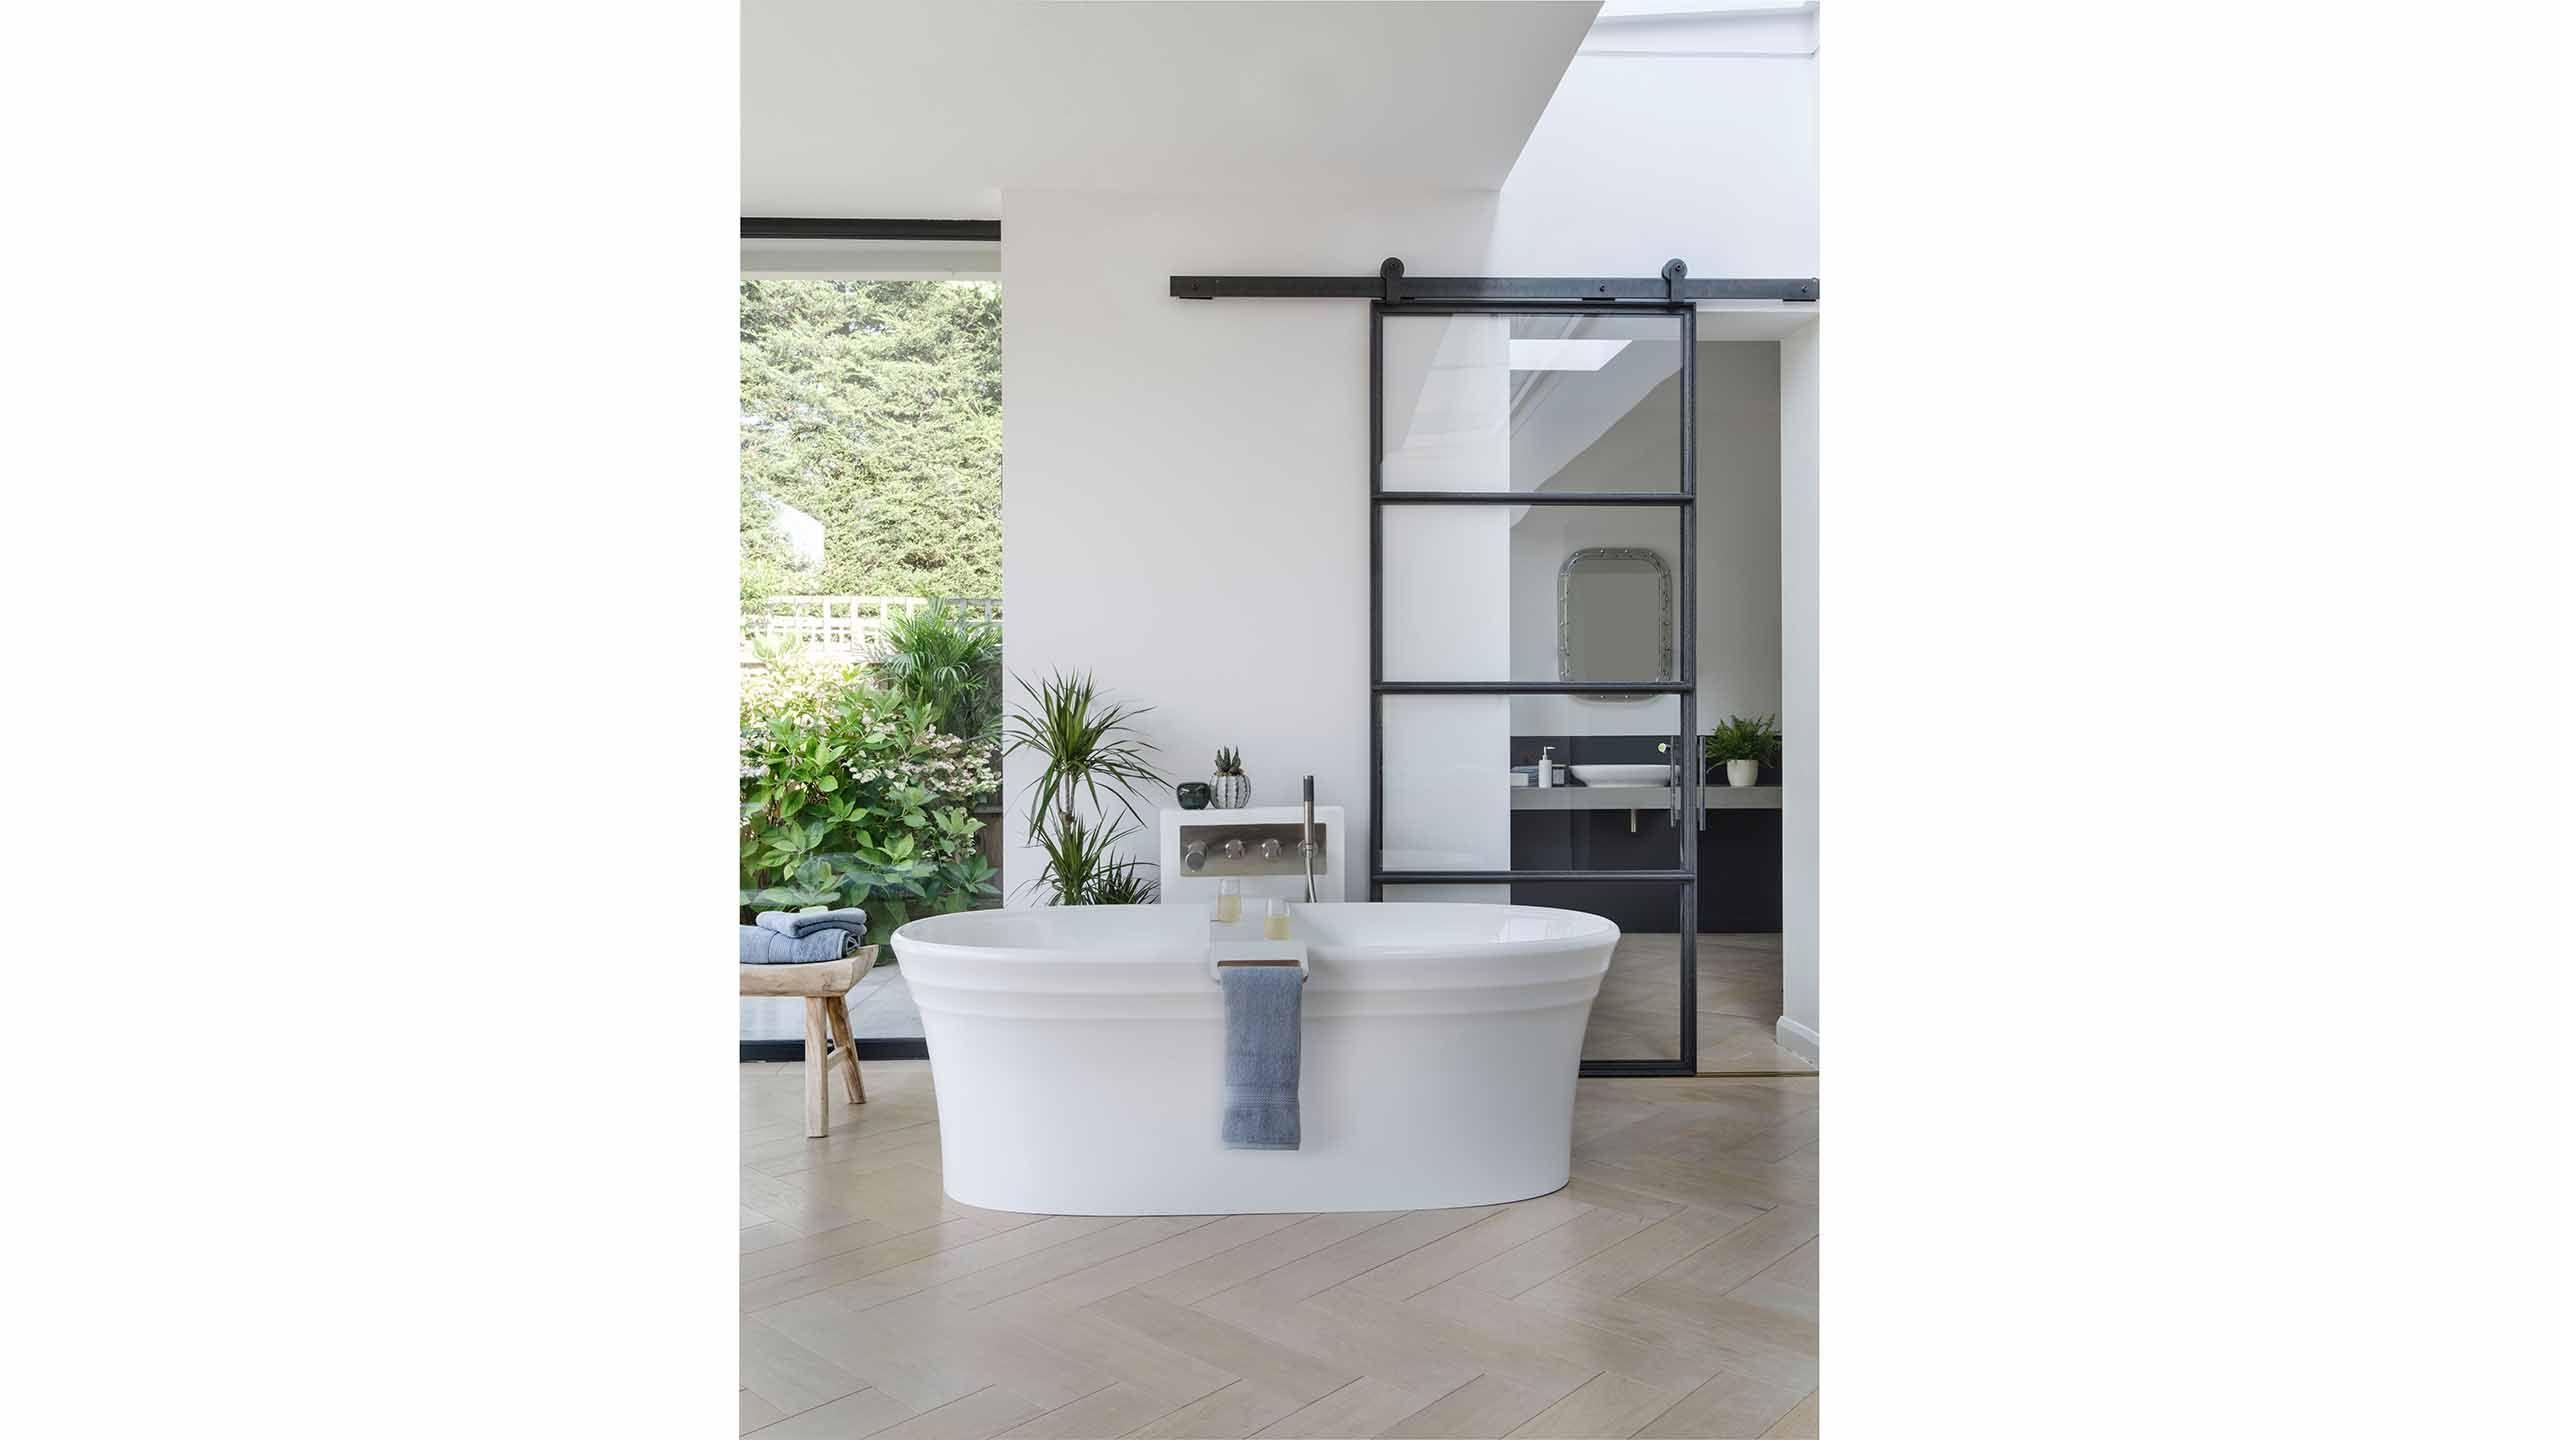 Victoria Albert Baths Englische Badezimmerausstattung Badewanne Badezimmerausstattung Freistehende Badewanne